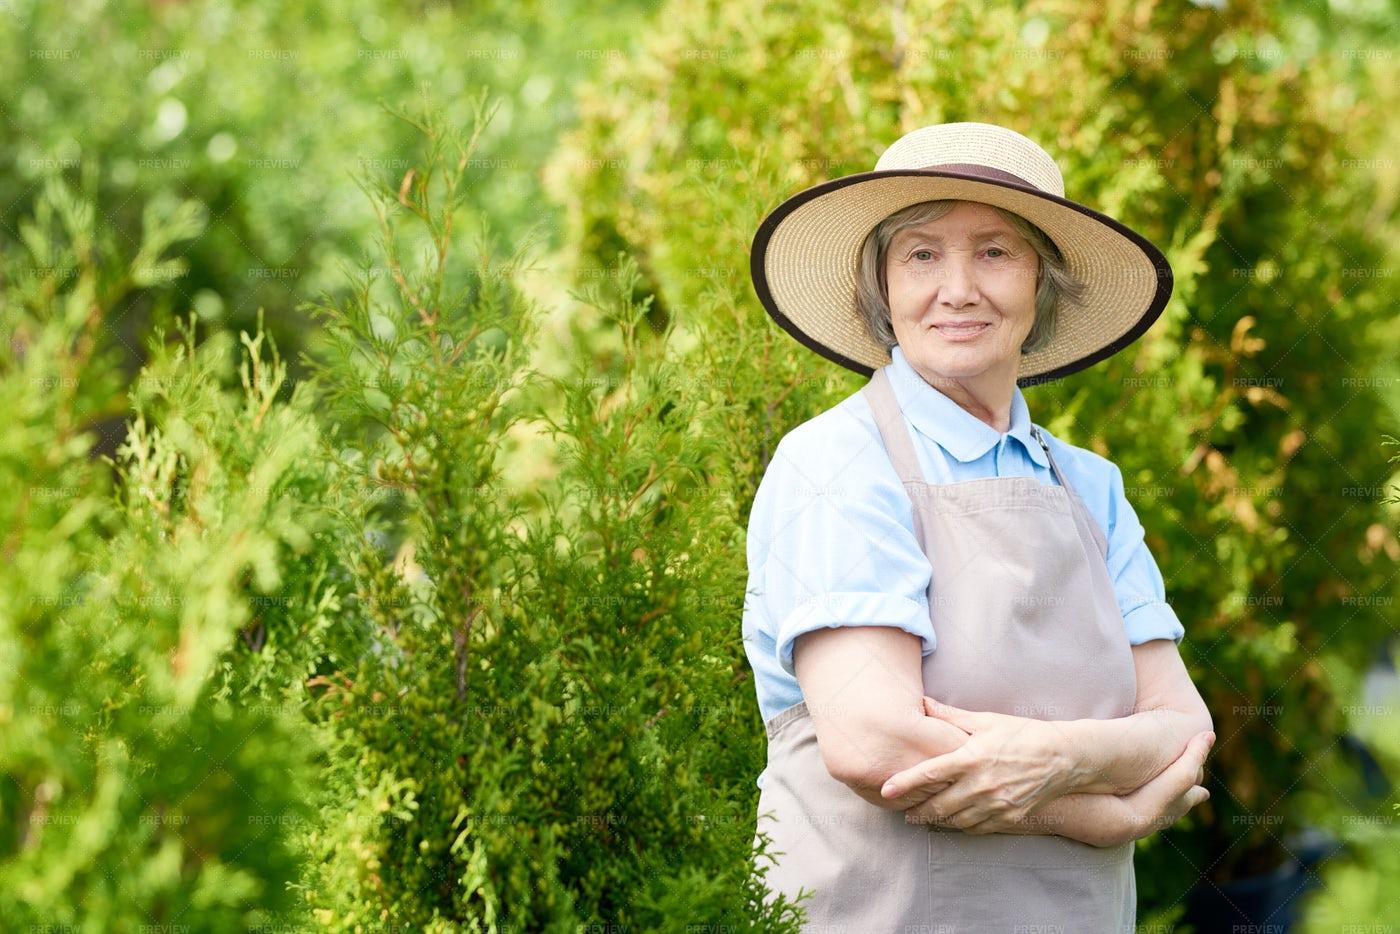 Happy Senior Woman Posing In Garden: Stock Photos